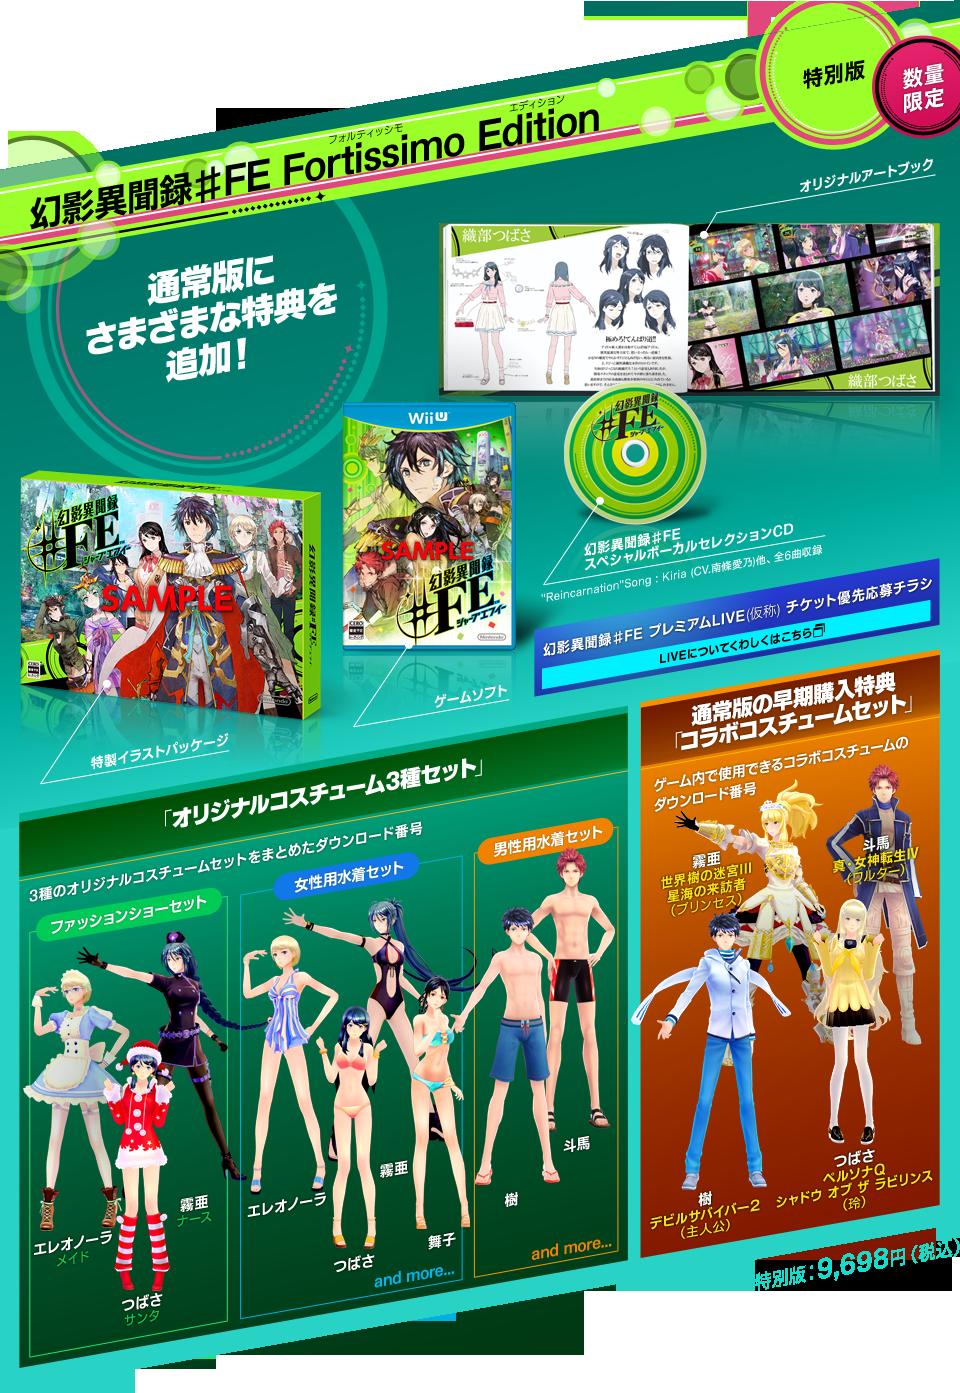 свежие подробности genei ibun roku fe и дата выхода игры в японии